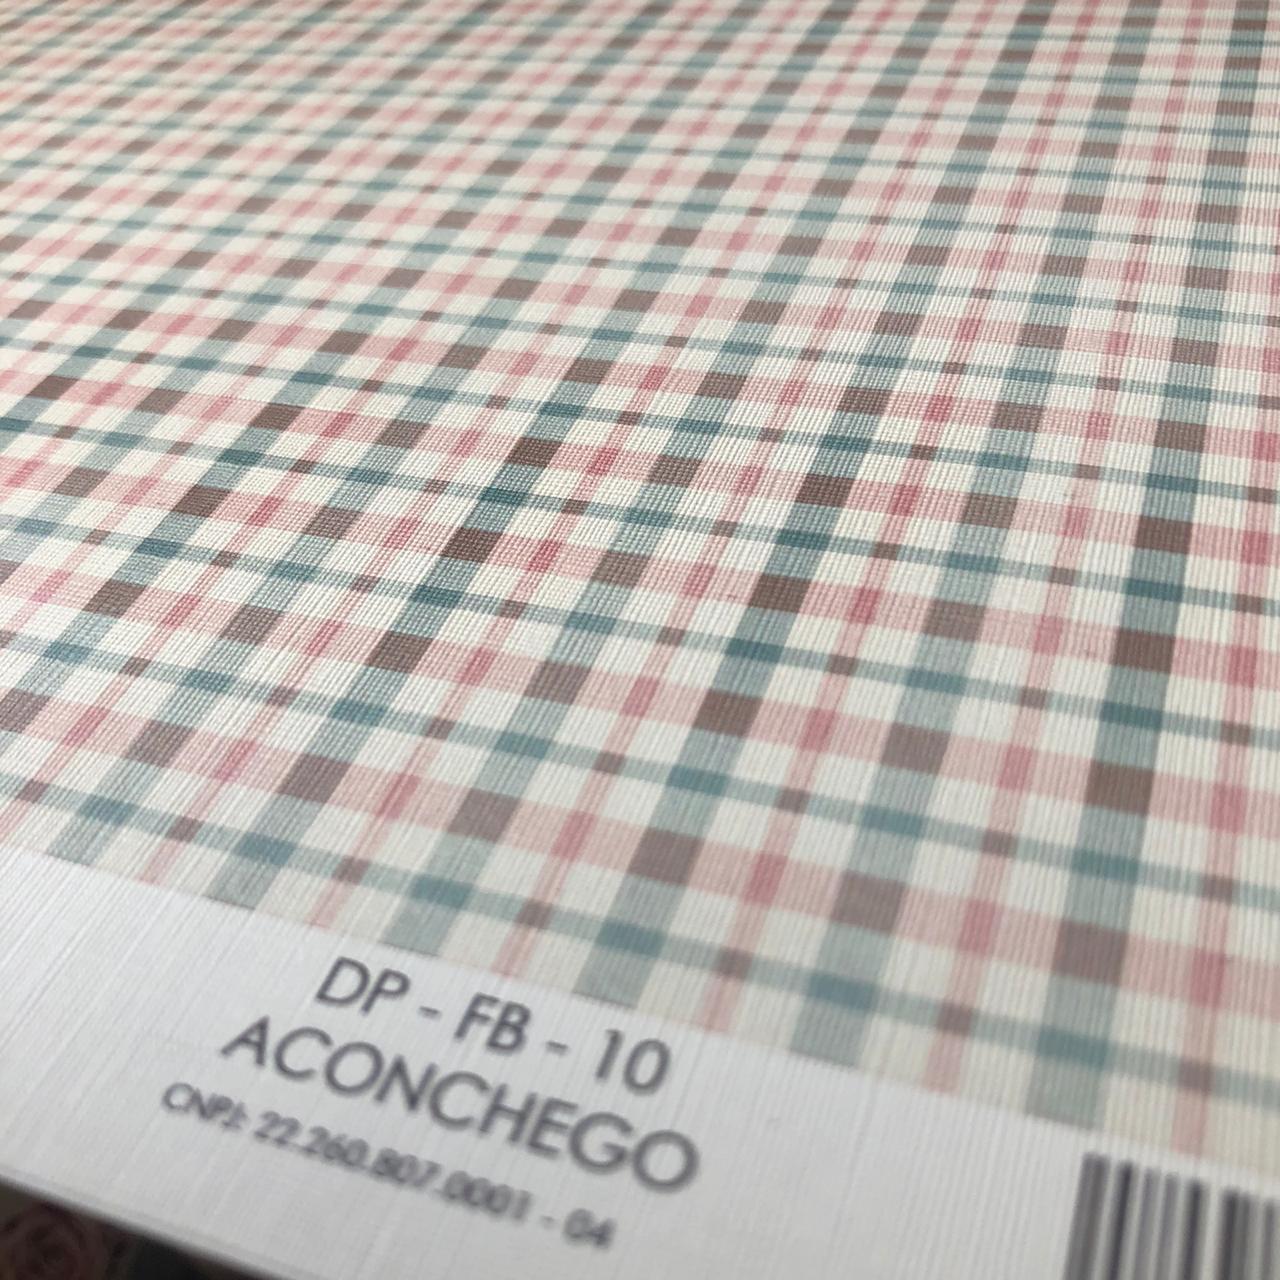 Adesivo Texturizado - Aconchego - Coleção Fábula - Dany Peres (DP-FB-10)